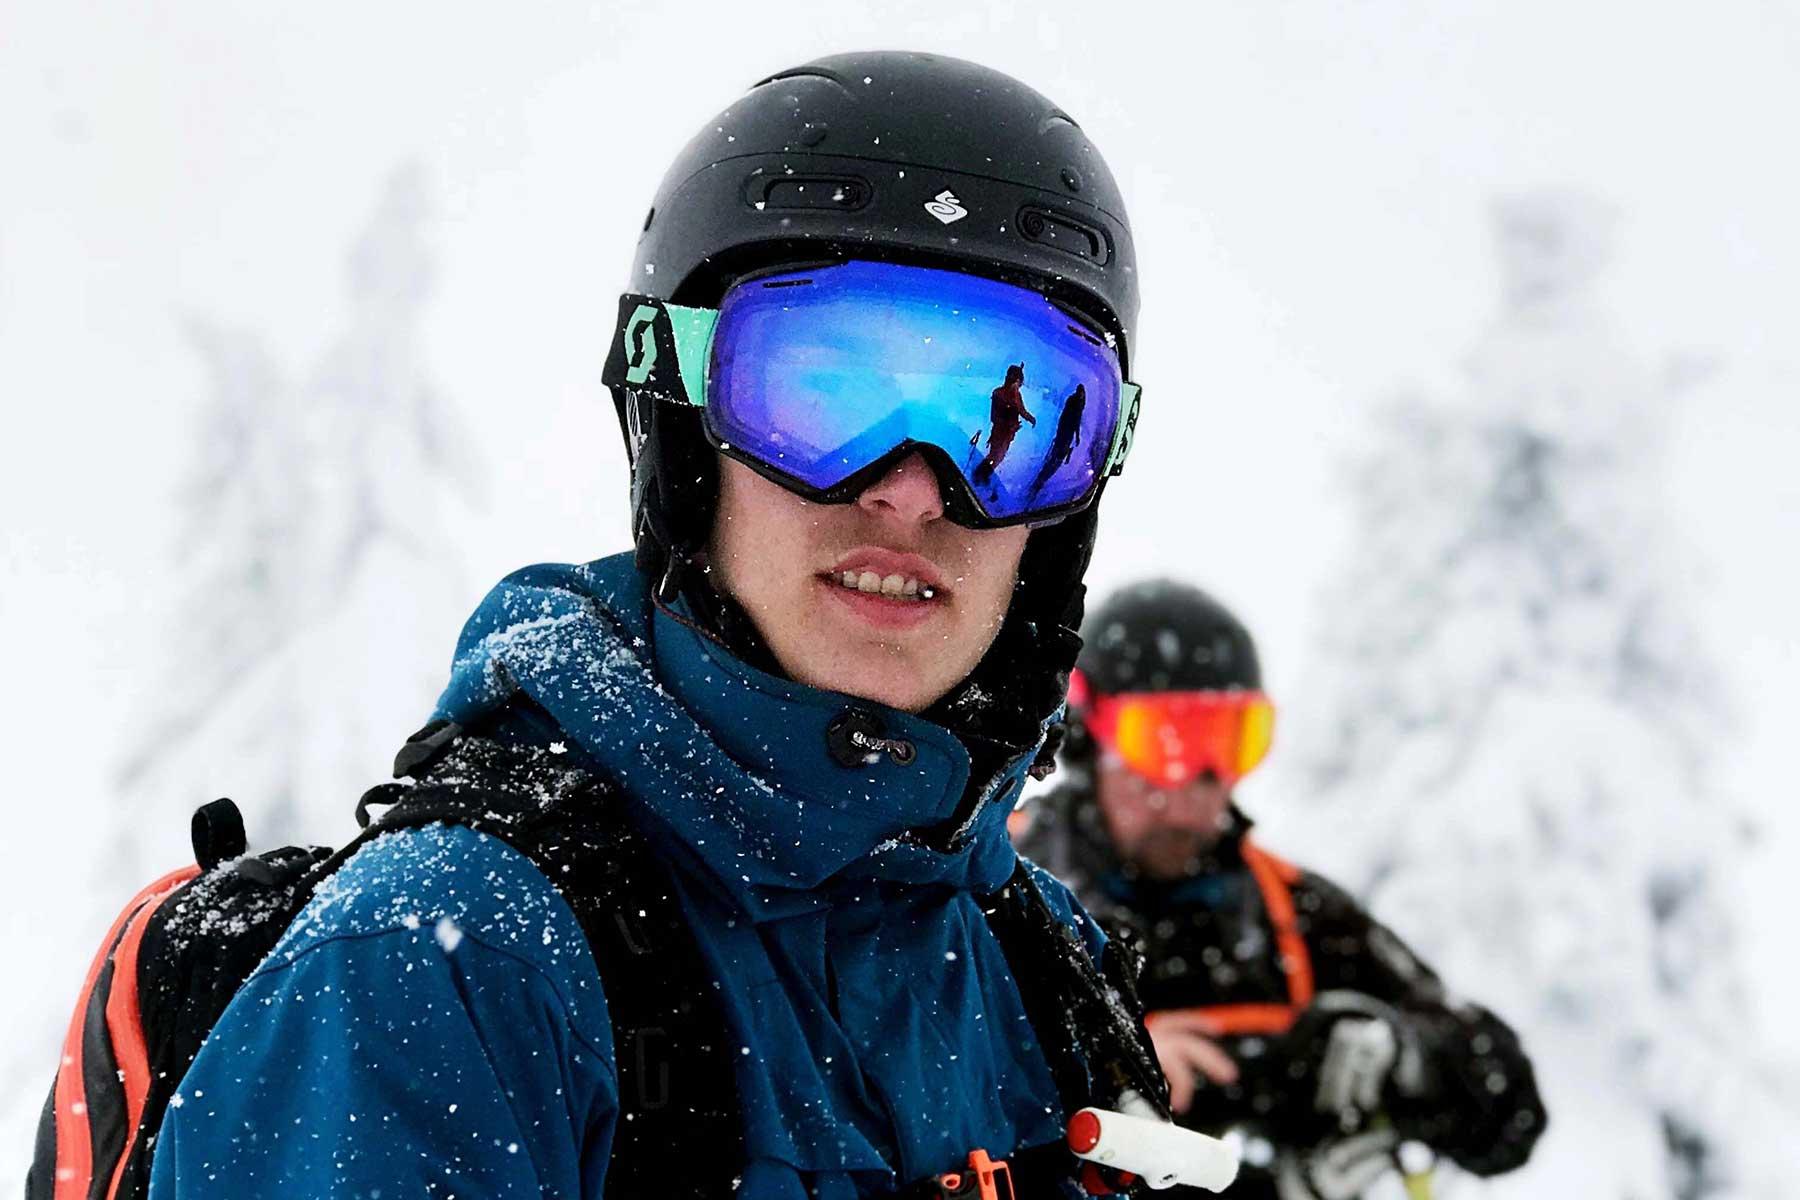 svensk-skidåkare-Nygren-Lind-Resebyrå